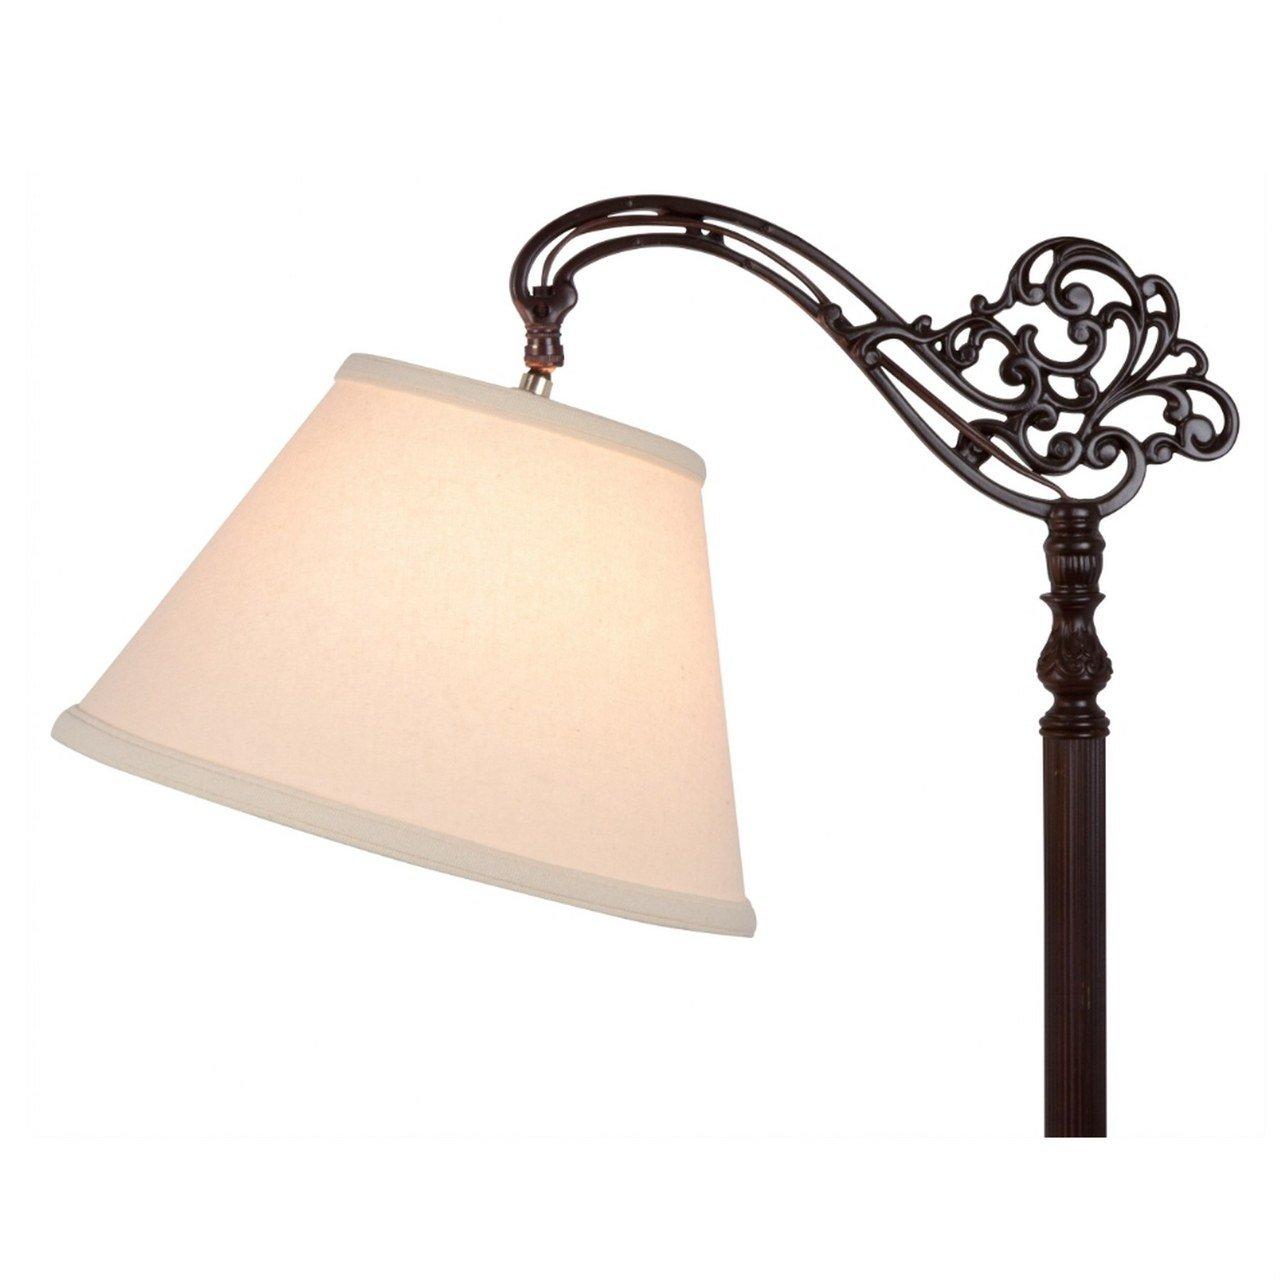 Upgradelights Uno Beige Linen Lamp Shade Floor Lamp Replacement Shade Down Bridge Shade